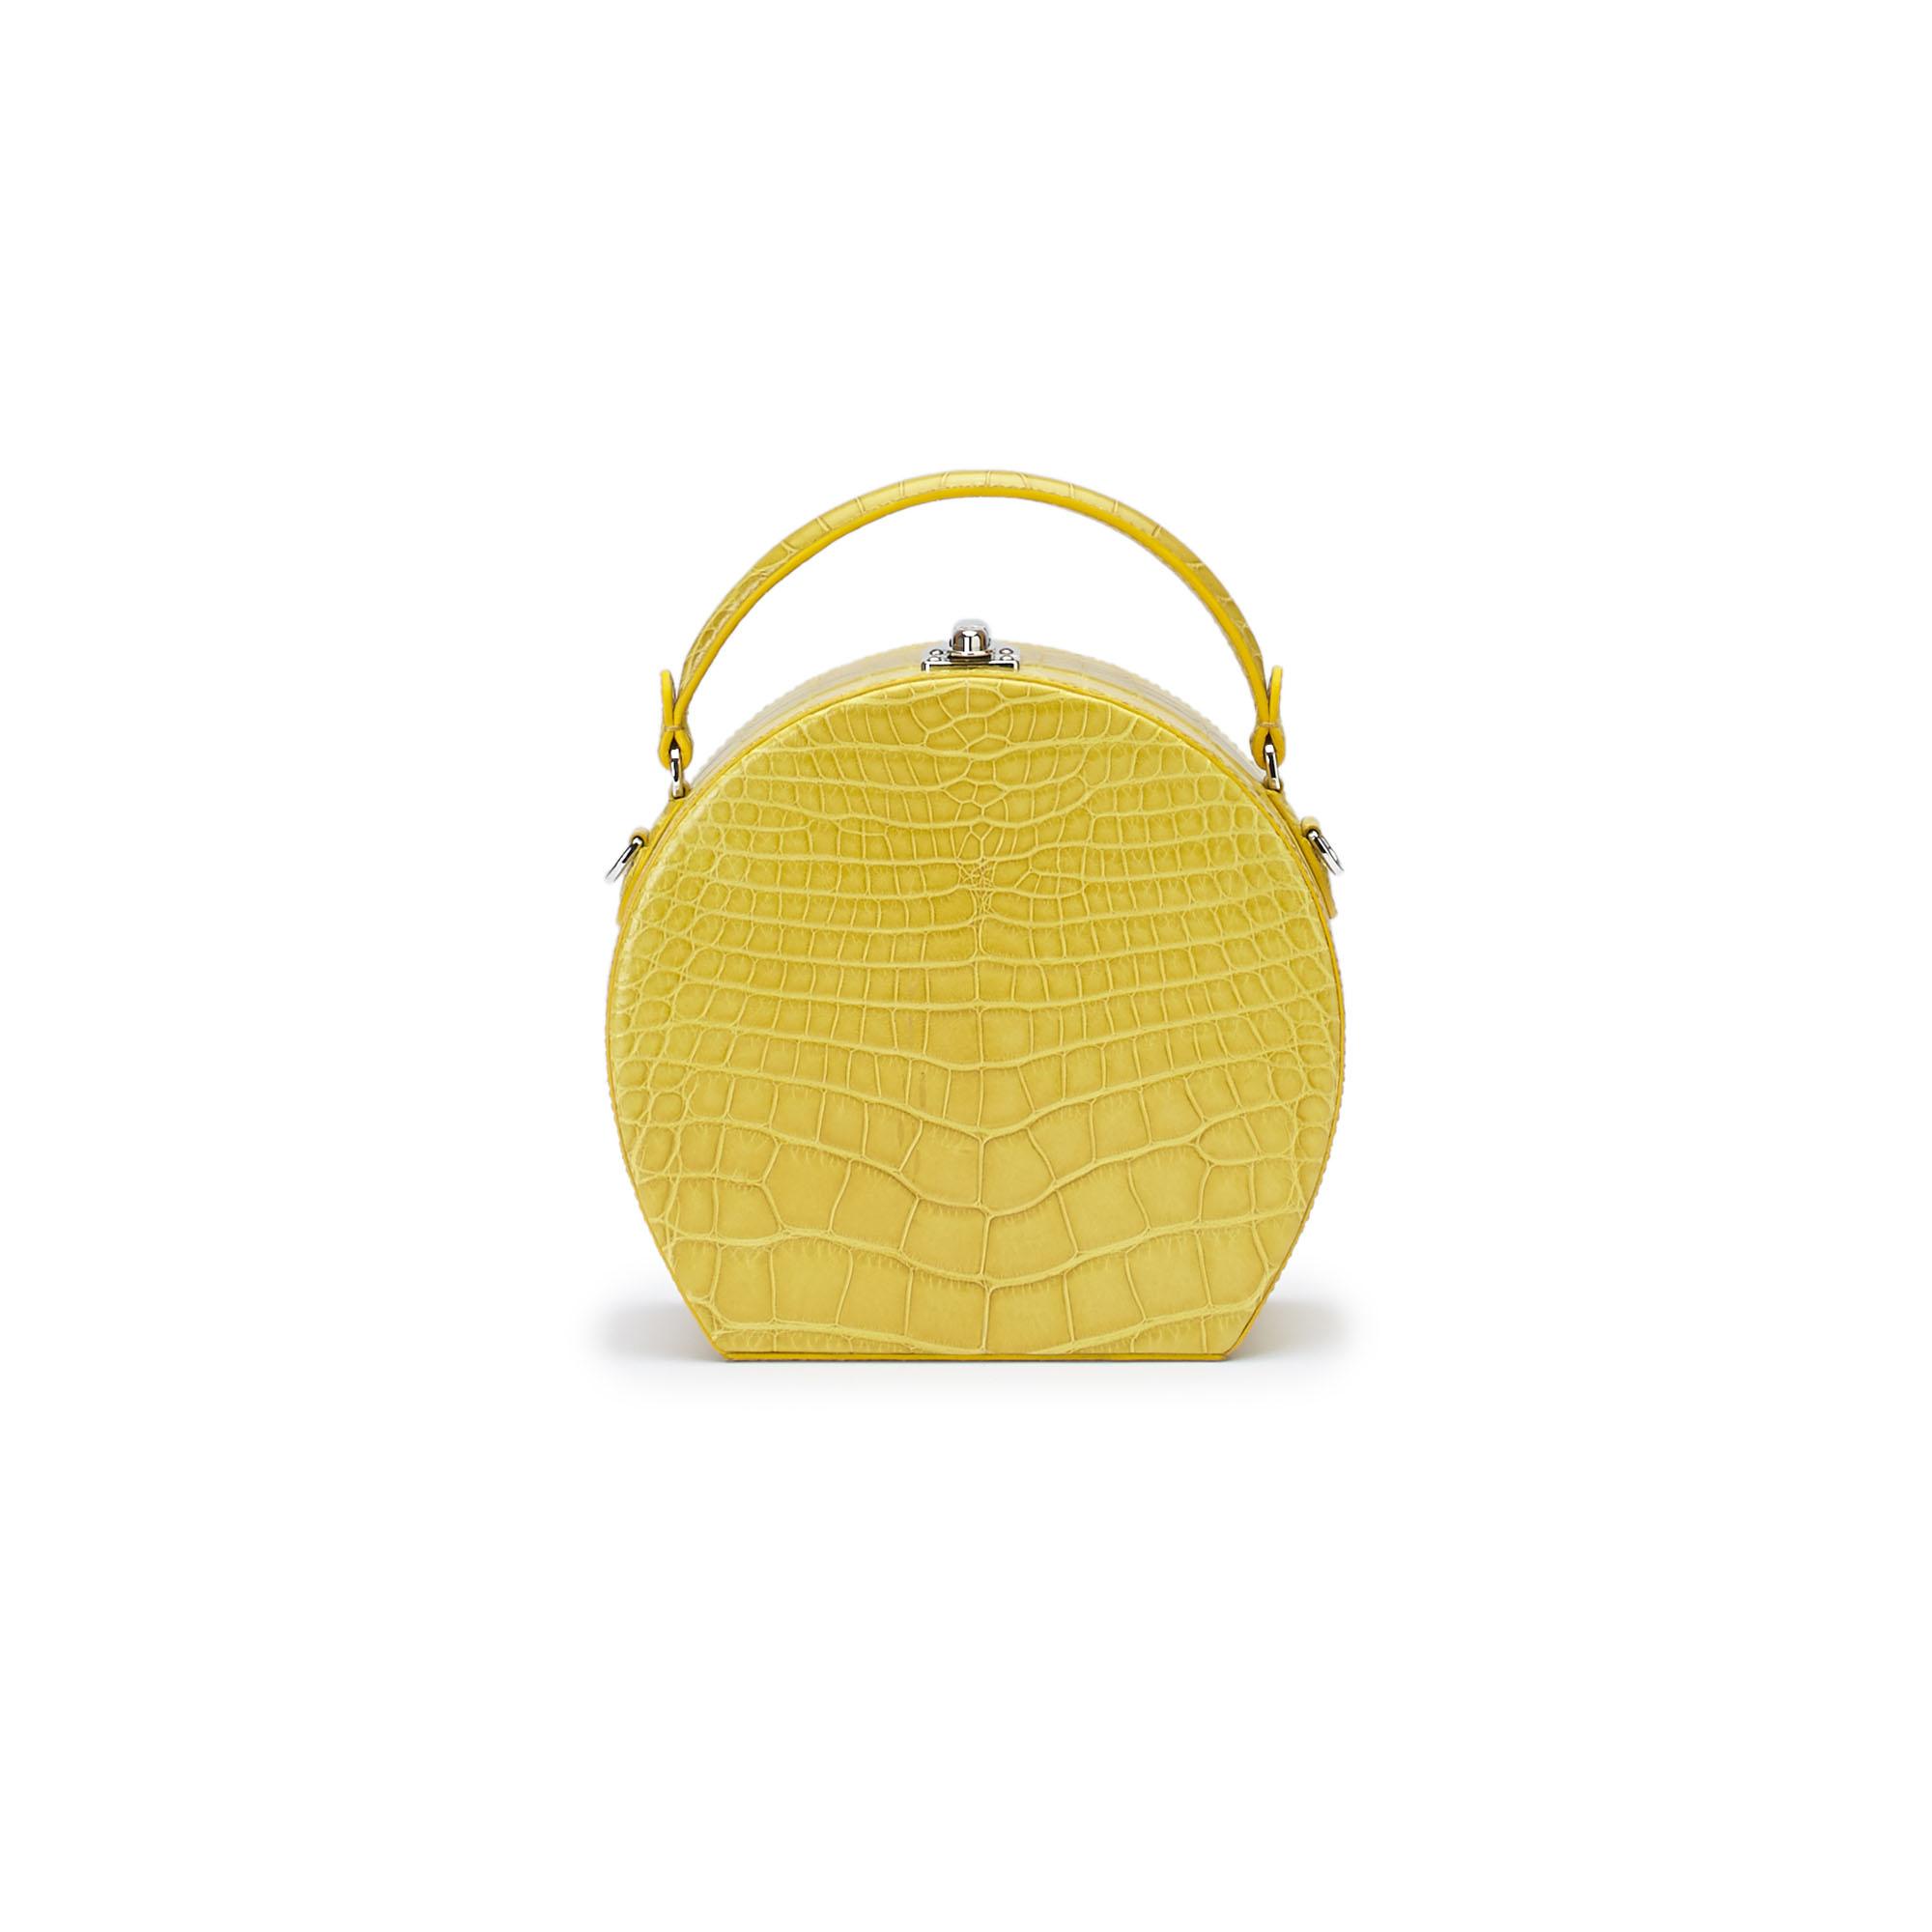 The yellow alligator Regular Bertoncina bag by Bertoni 1949 01